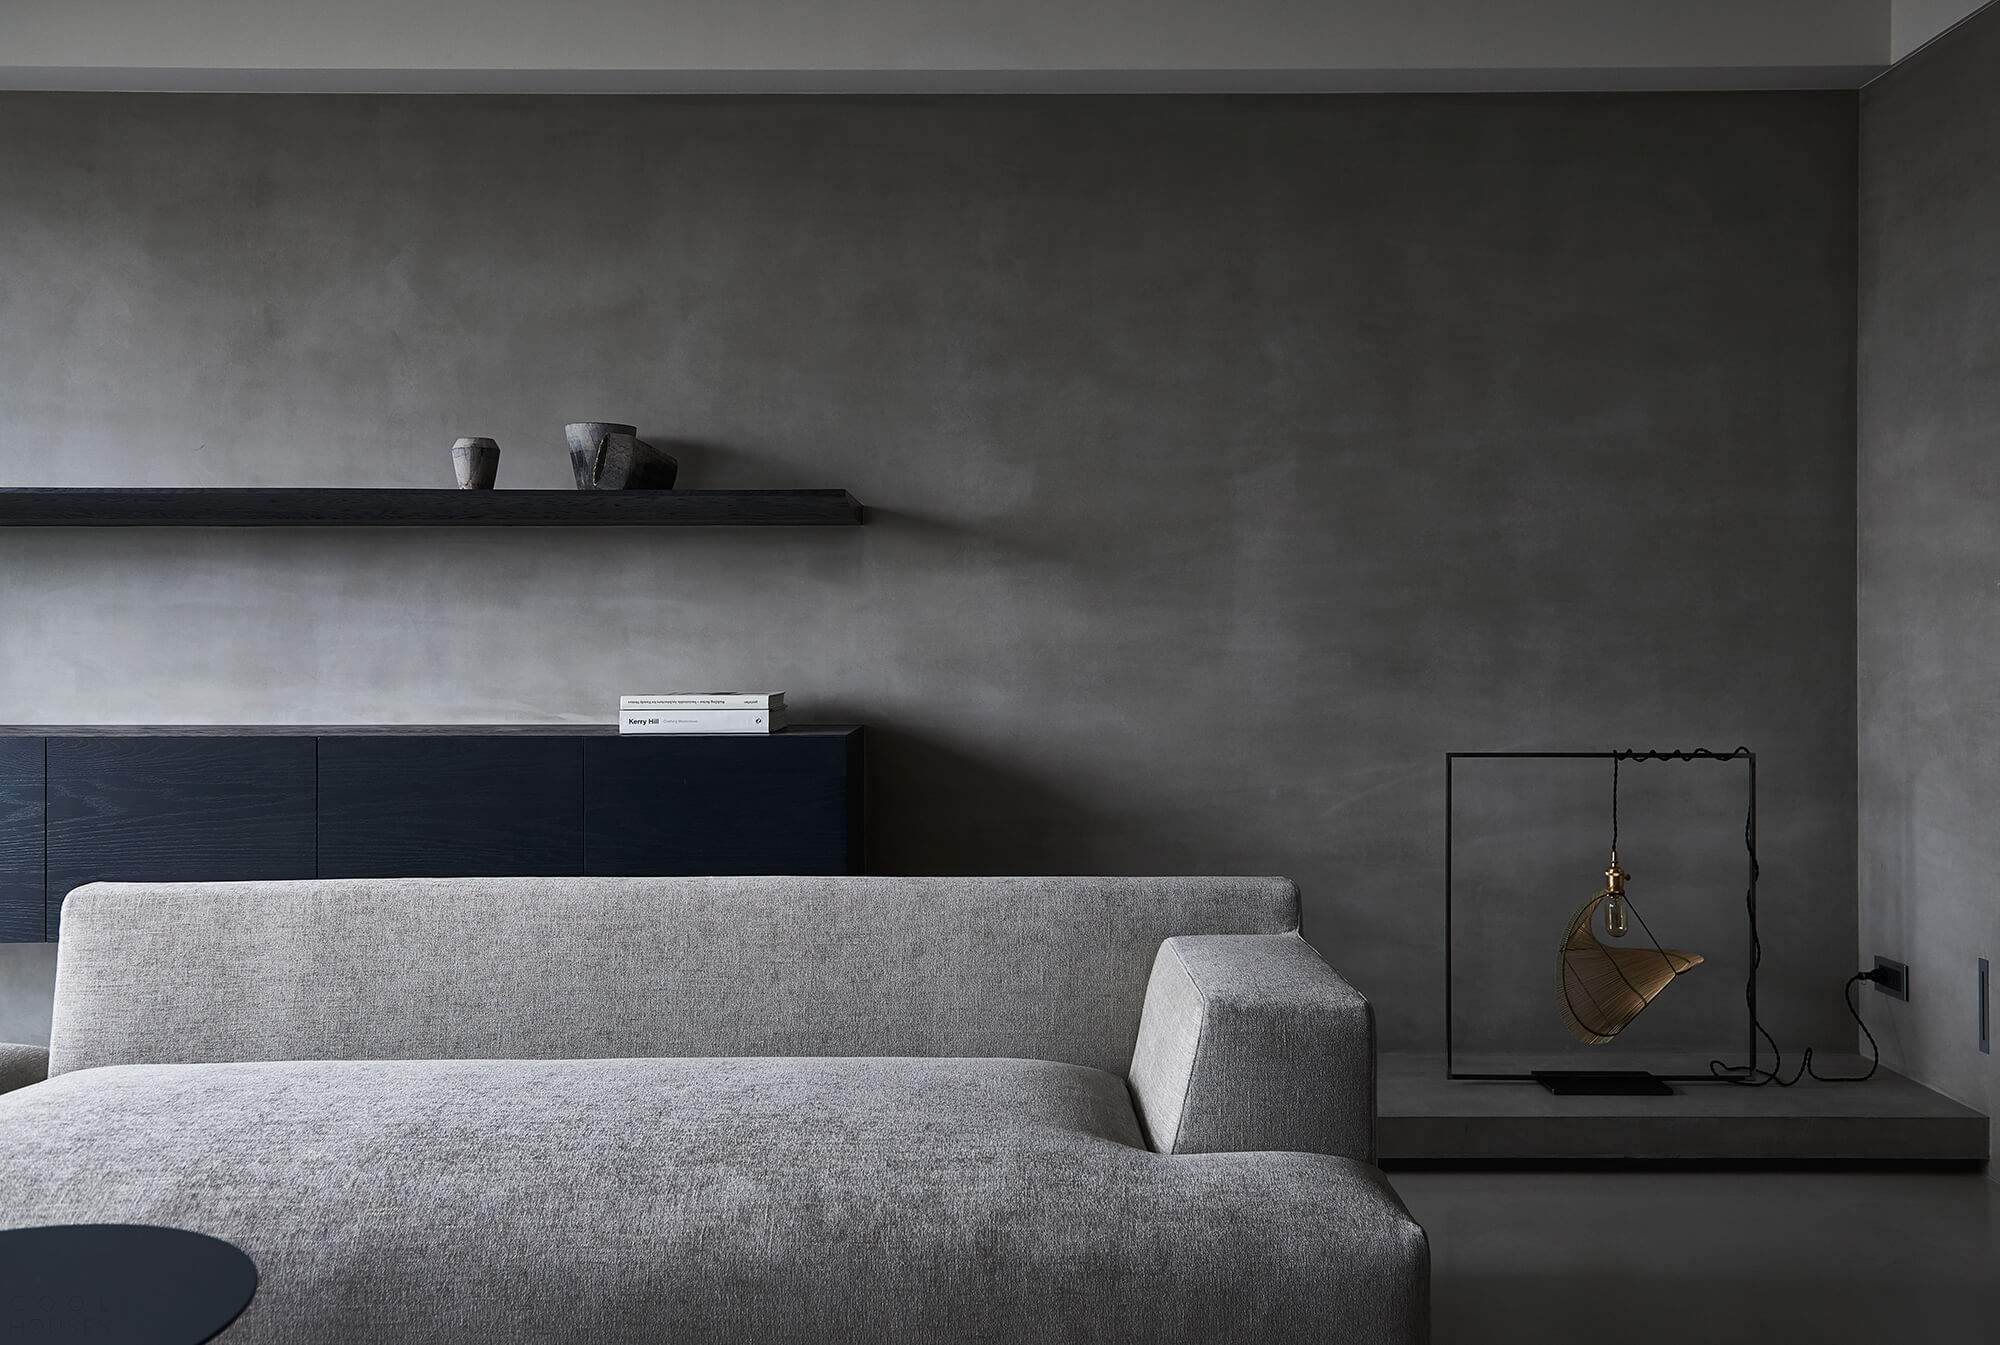 Квартира в стиле восточного минимализма в Тайване